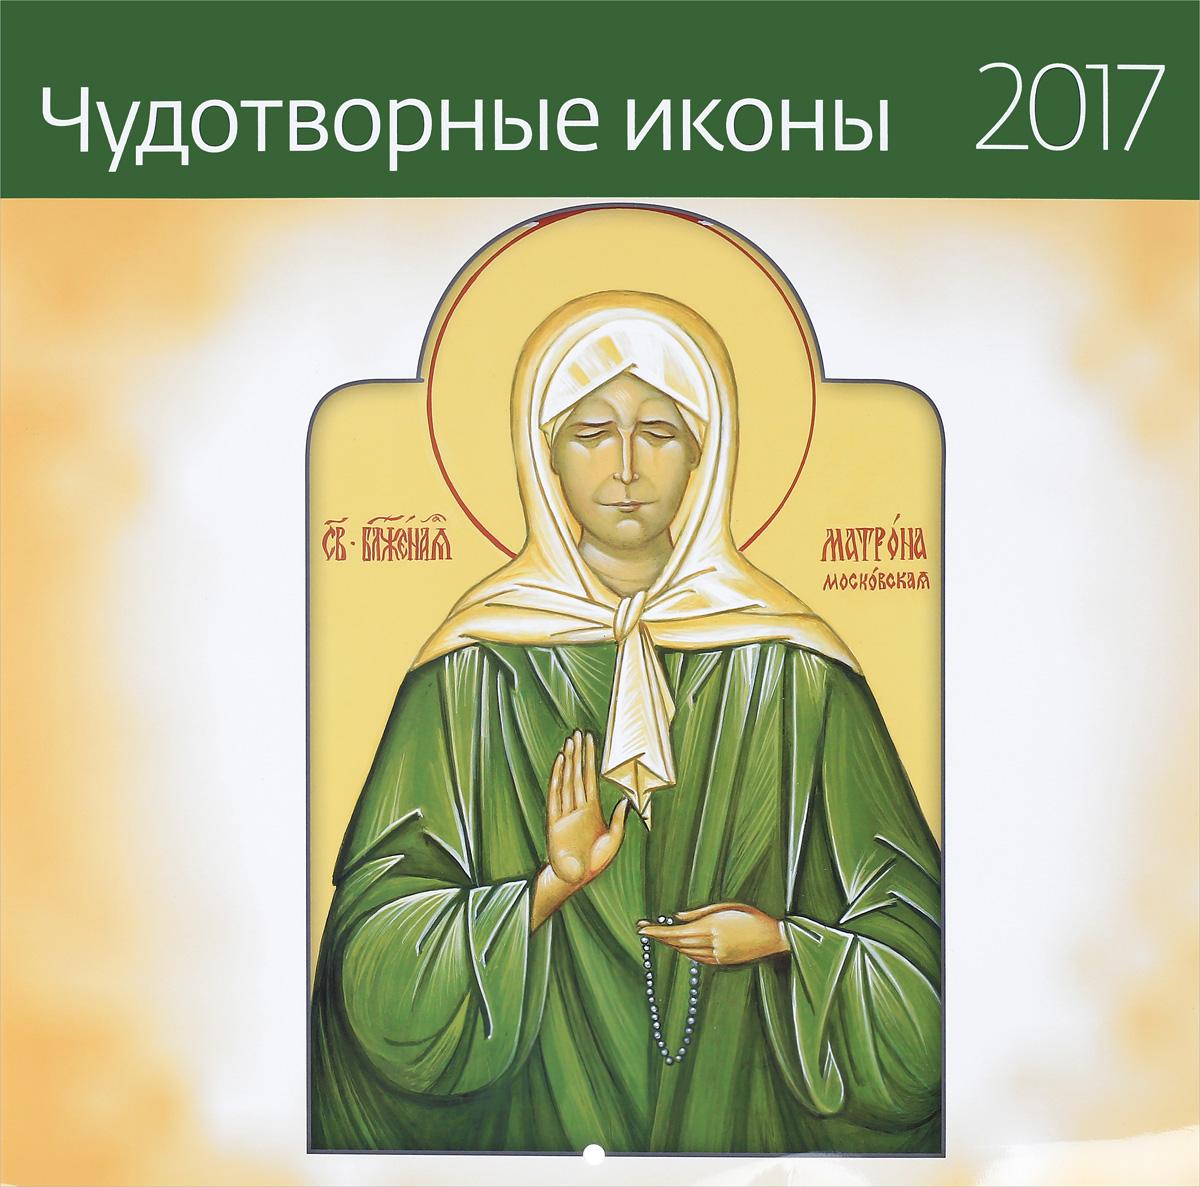 Календарь 2017 (на скрепке). Чудотворные иконы (+ наклейки)